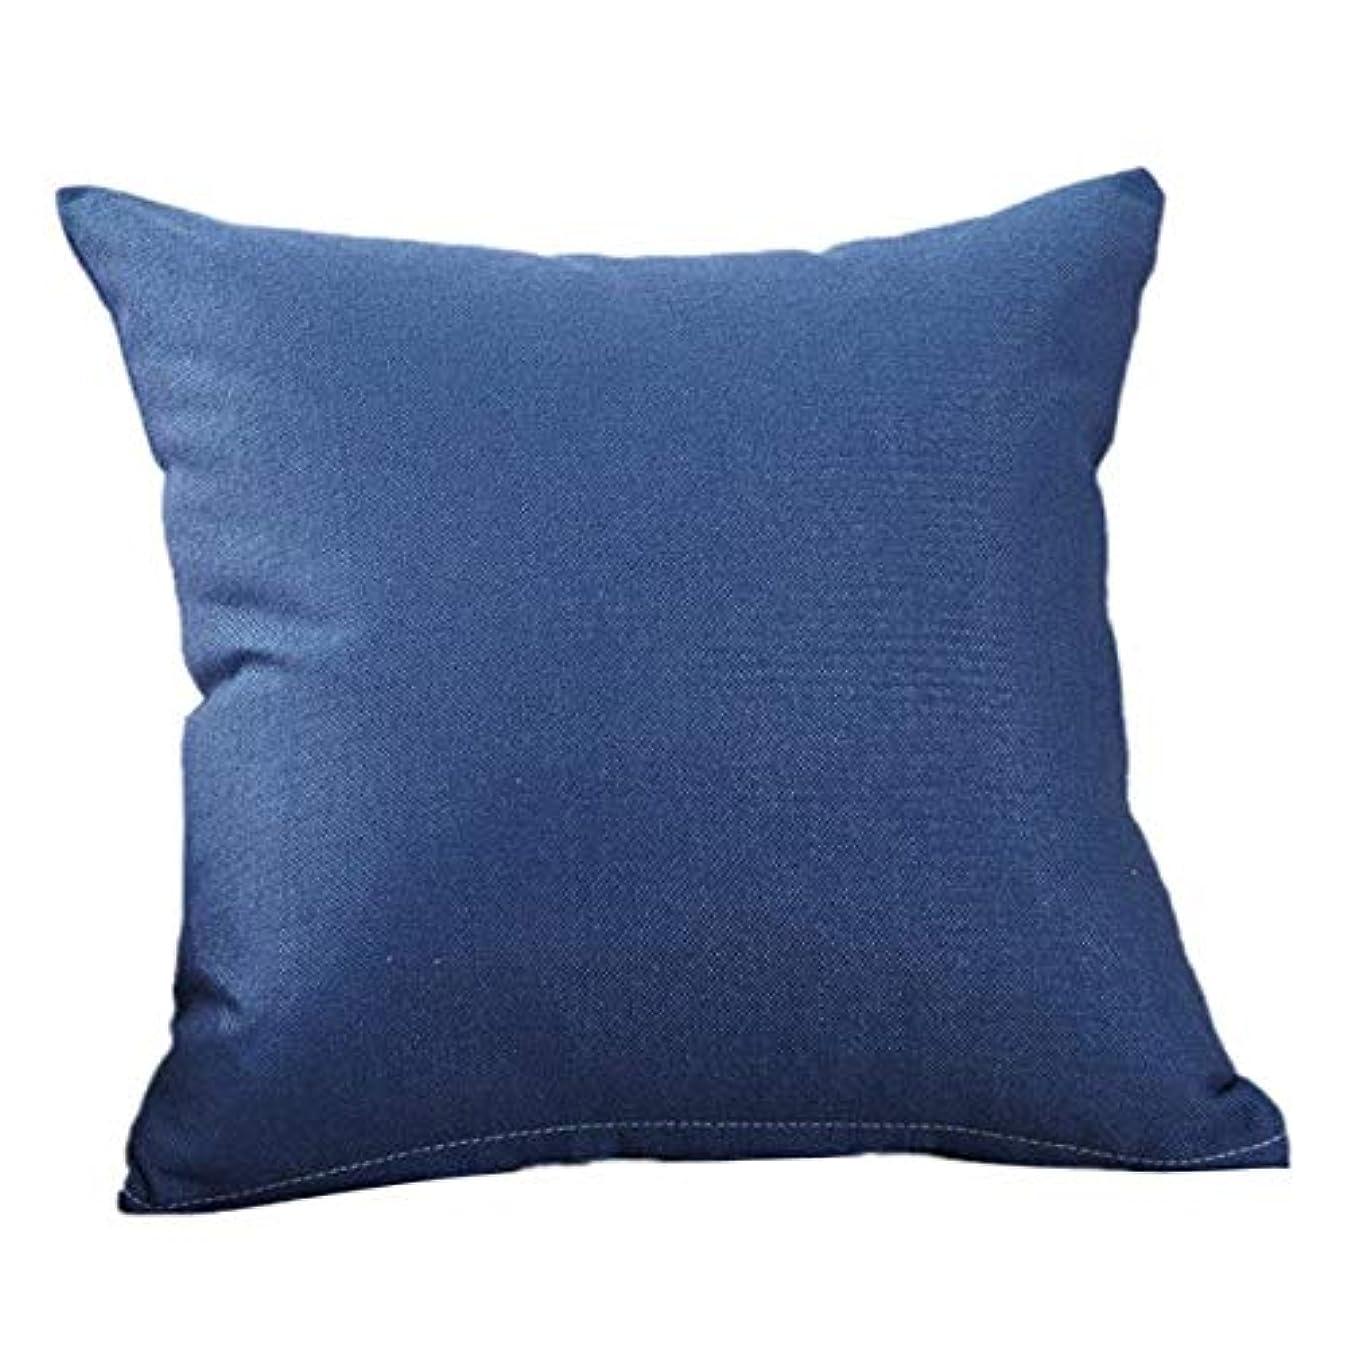 それるおとなしい僕のLIFE クリエイティブシンプルなファッションスロー枕クッションカフェソファクッションのホームインテリア z0403# G20 クッション 椅子